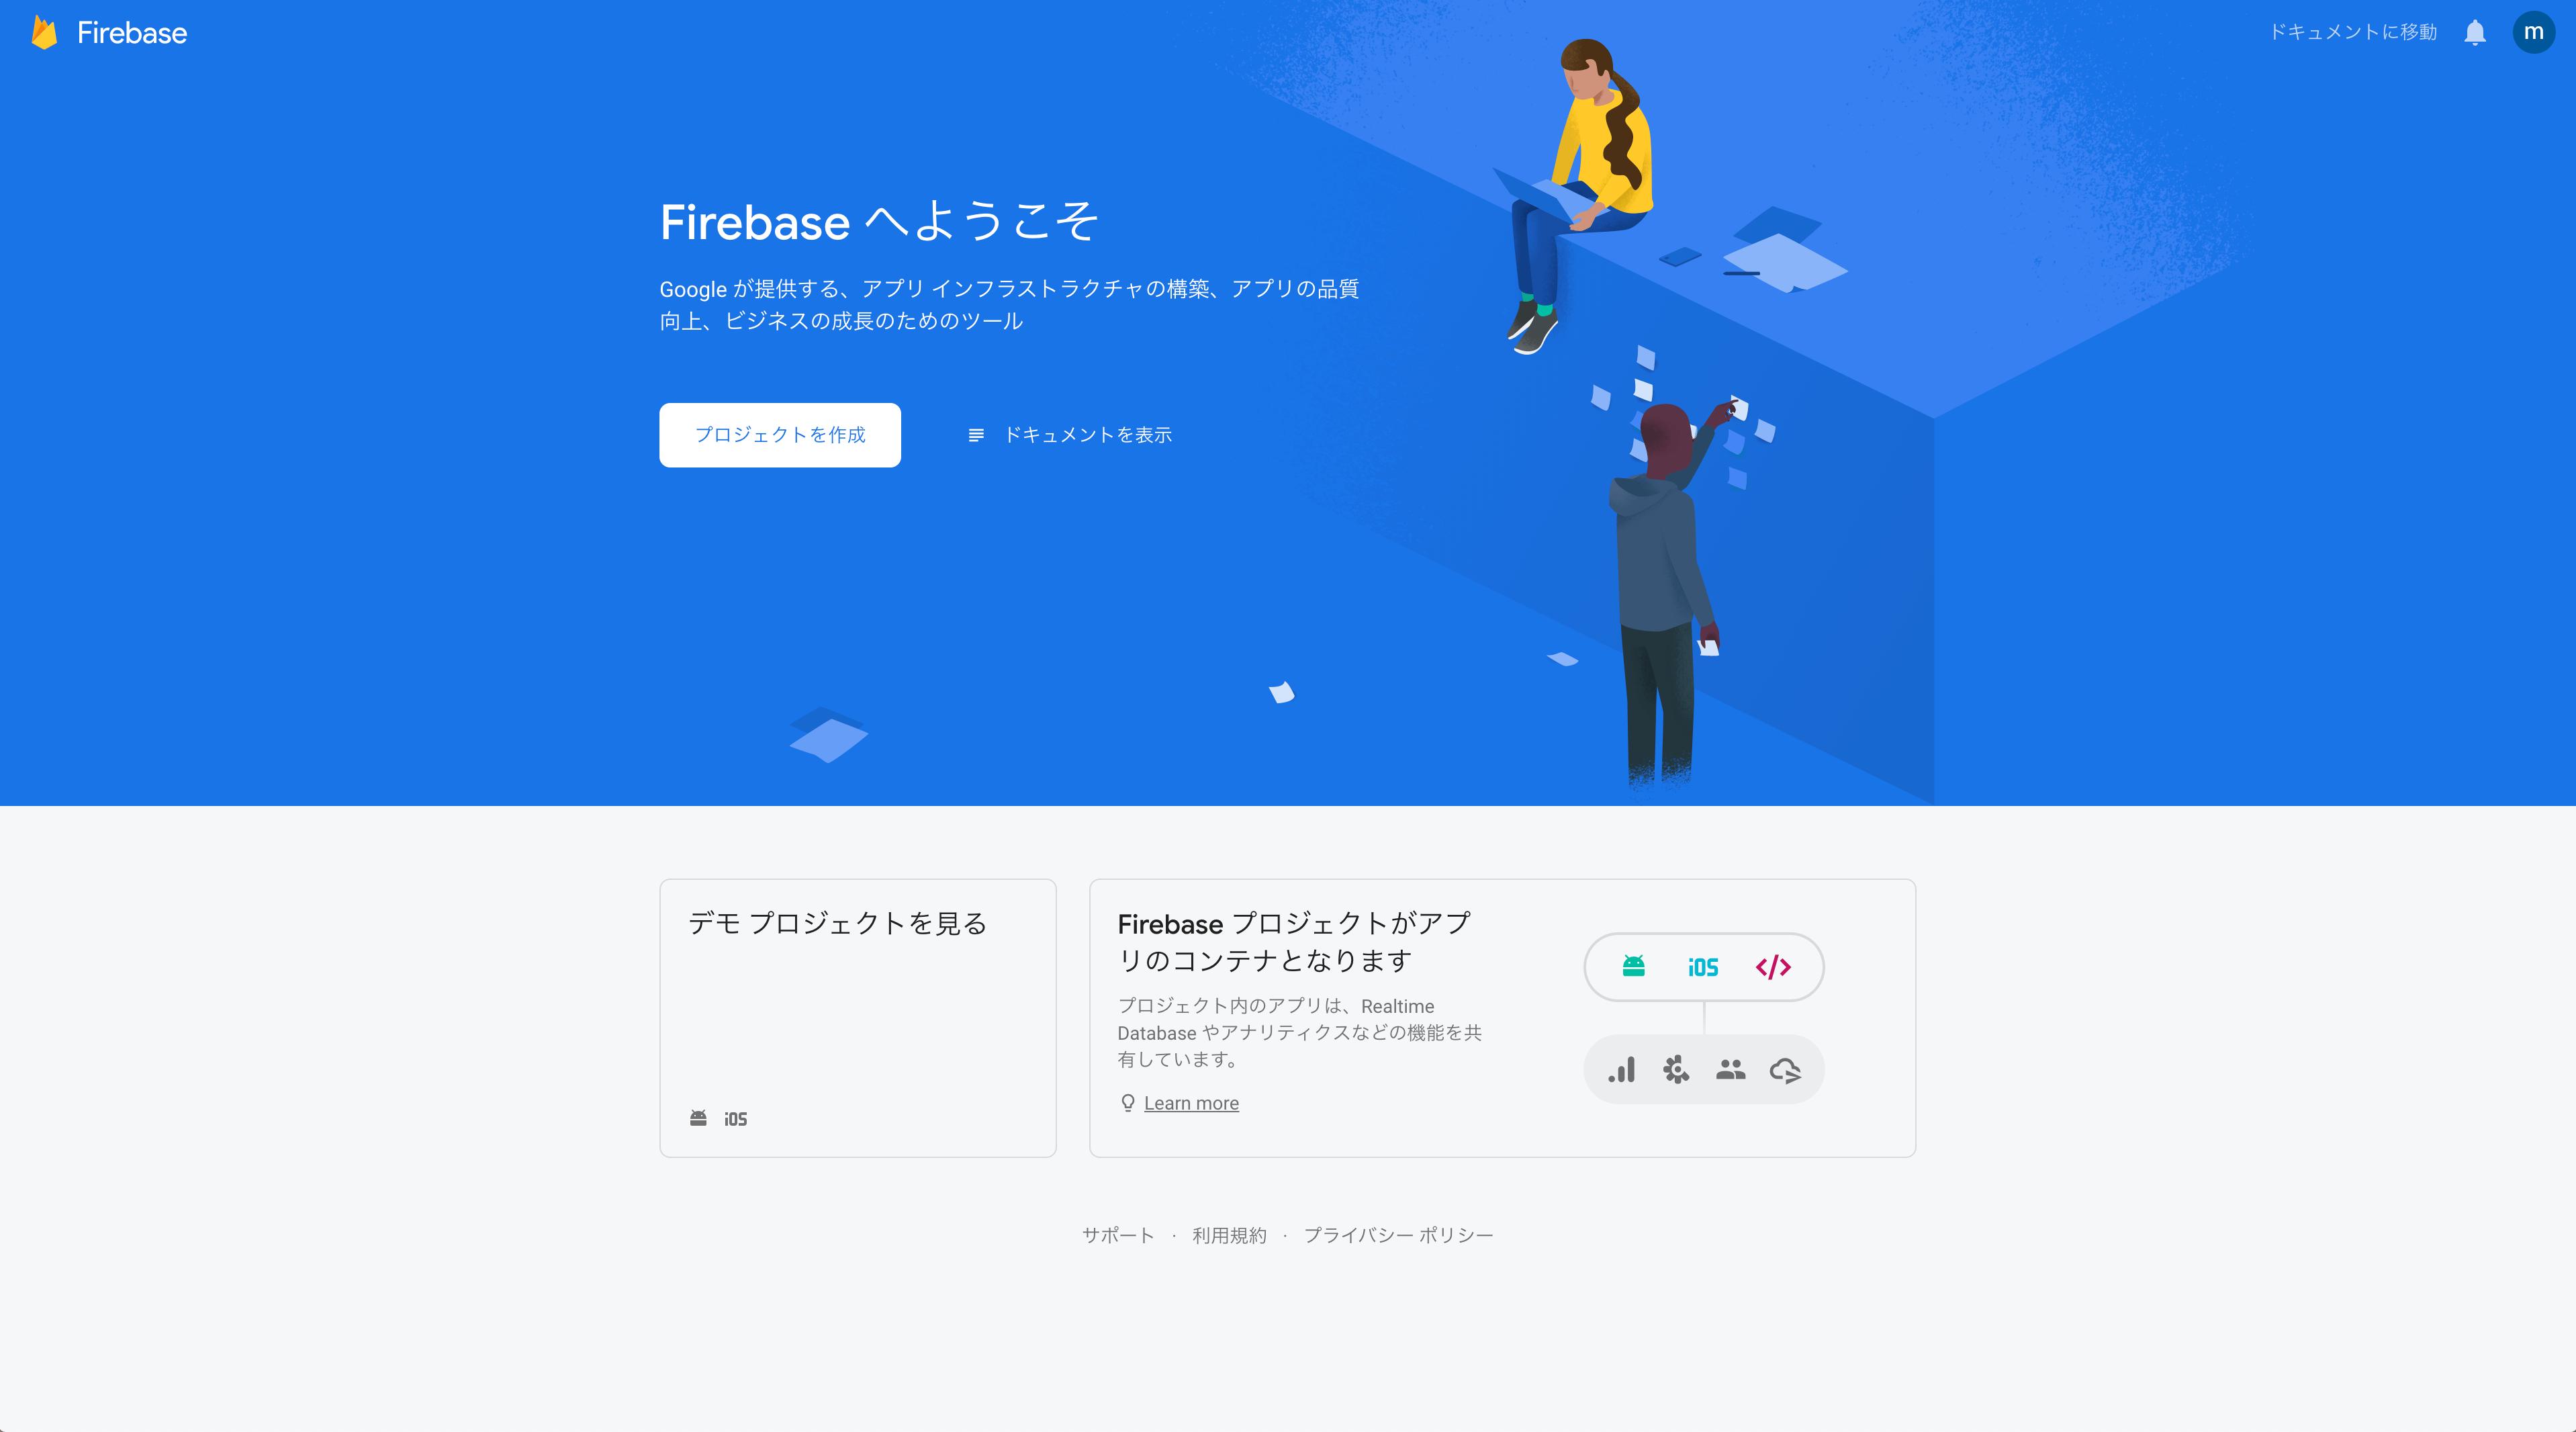 スクリーンショット 2020-01-02 18.14.10.png